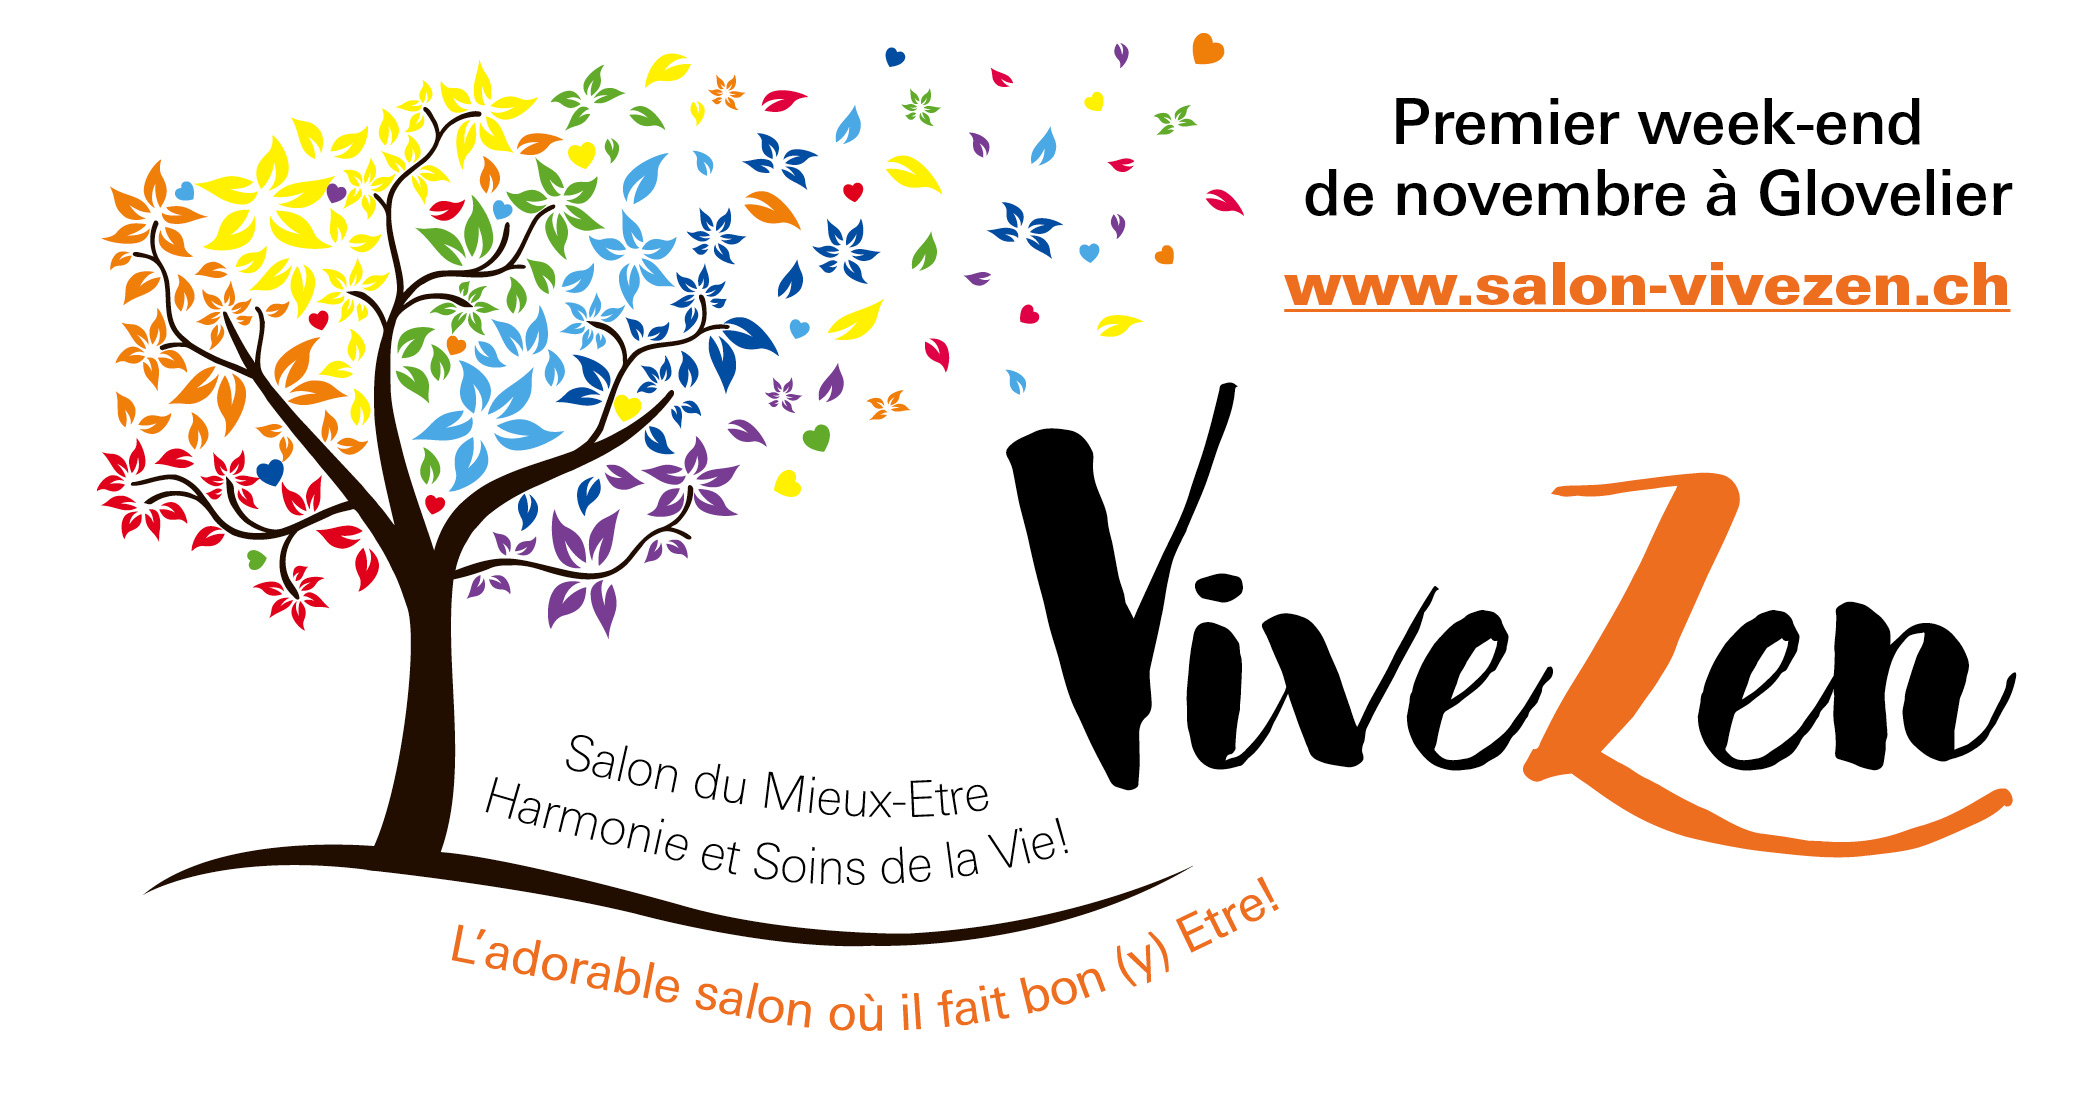 Salon Vive zen